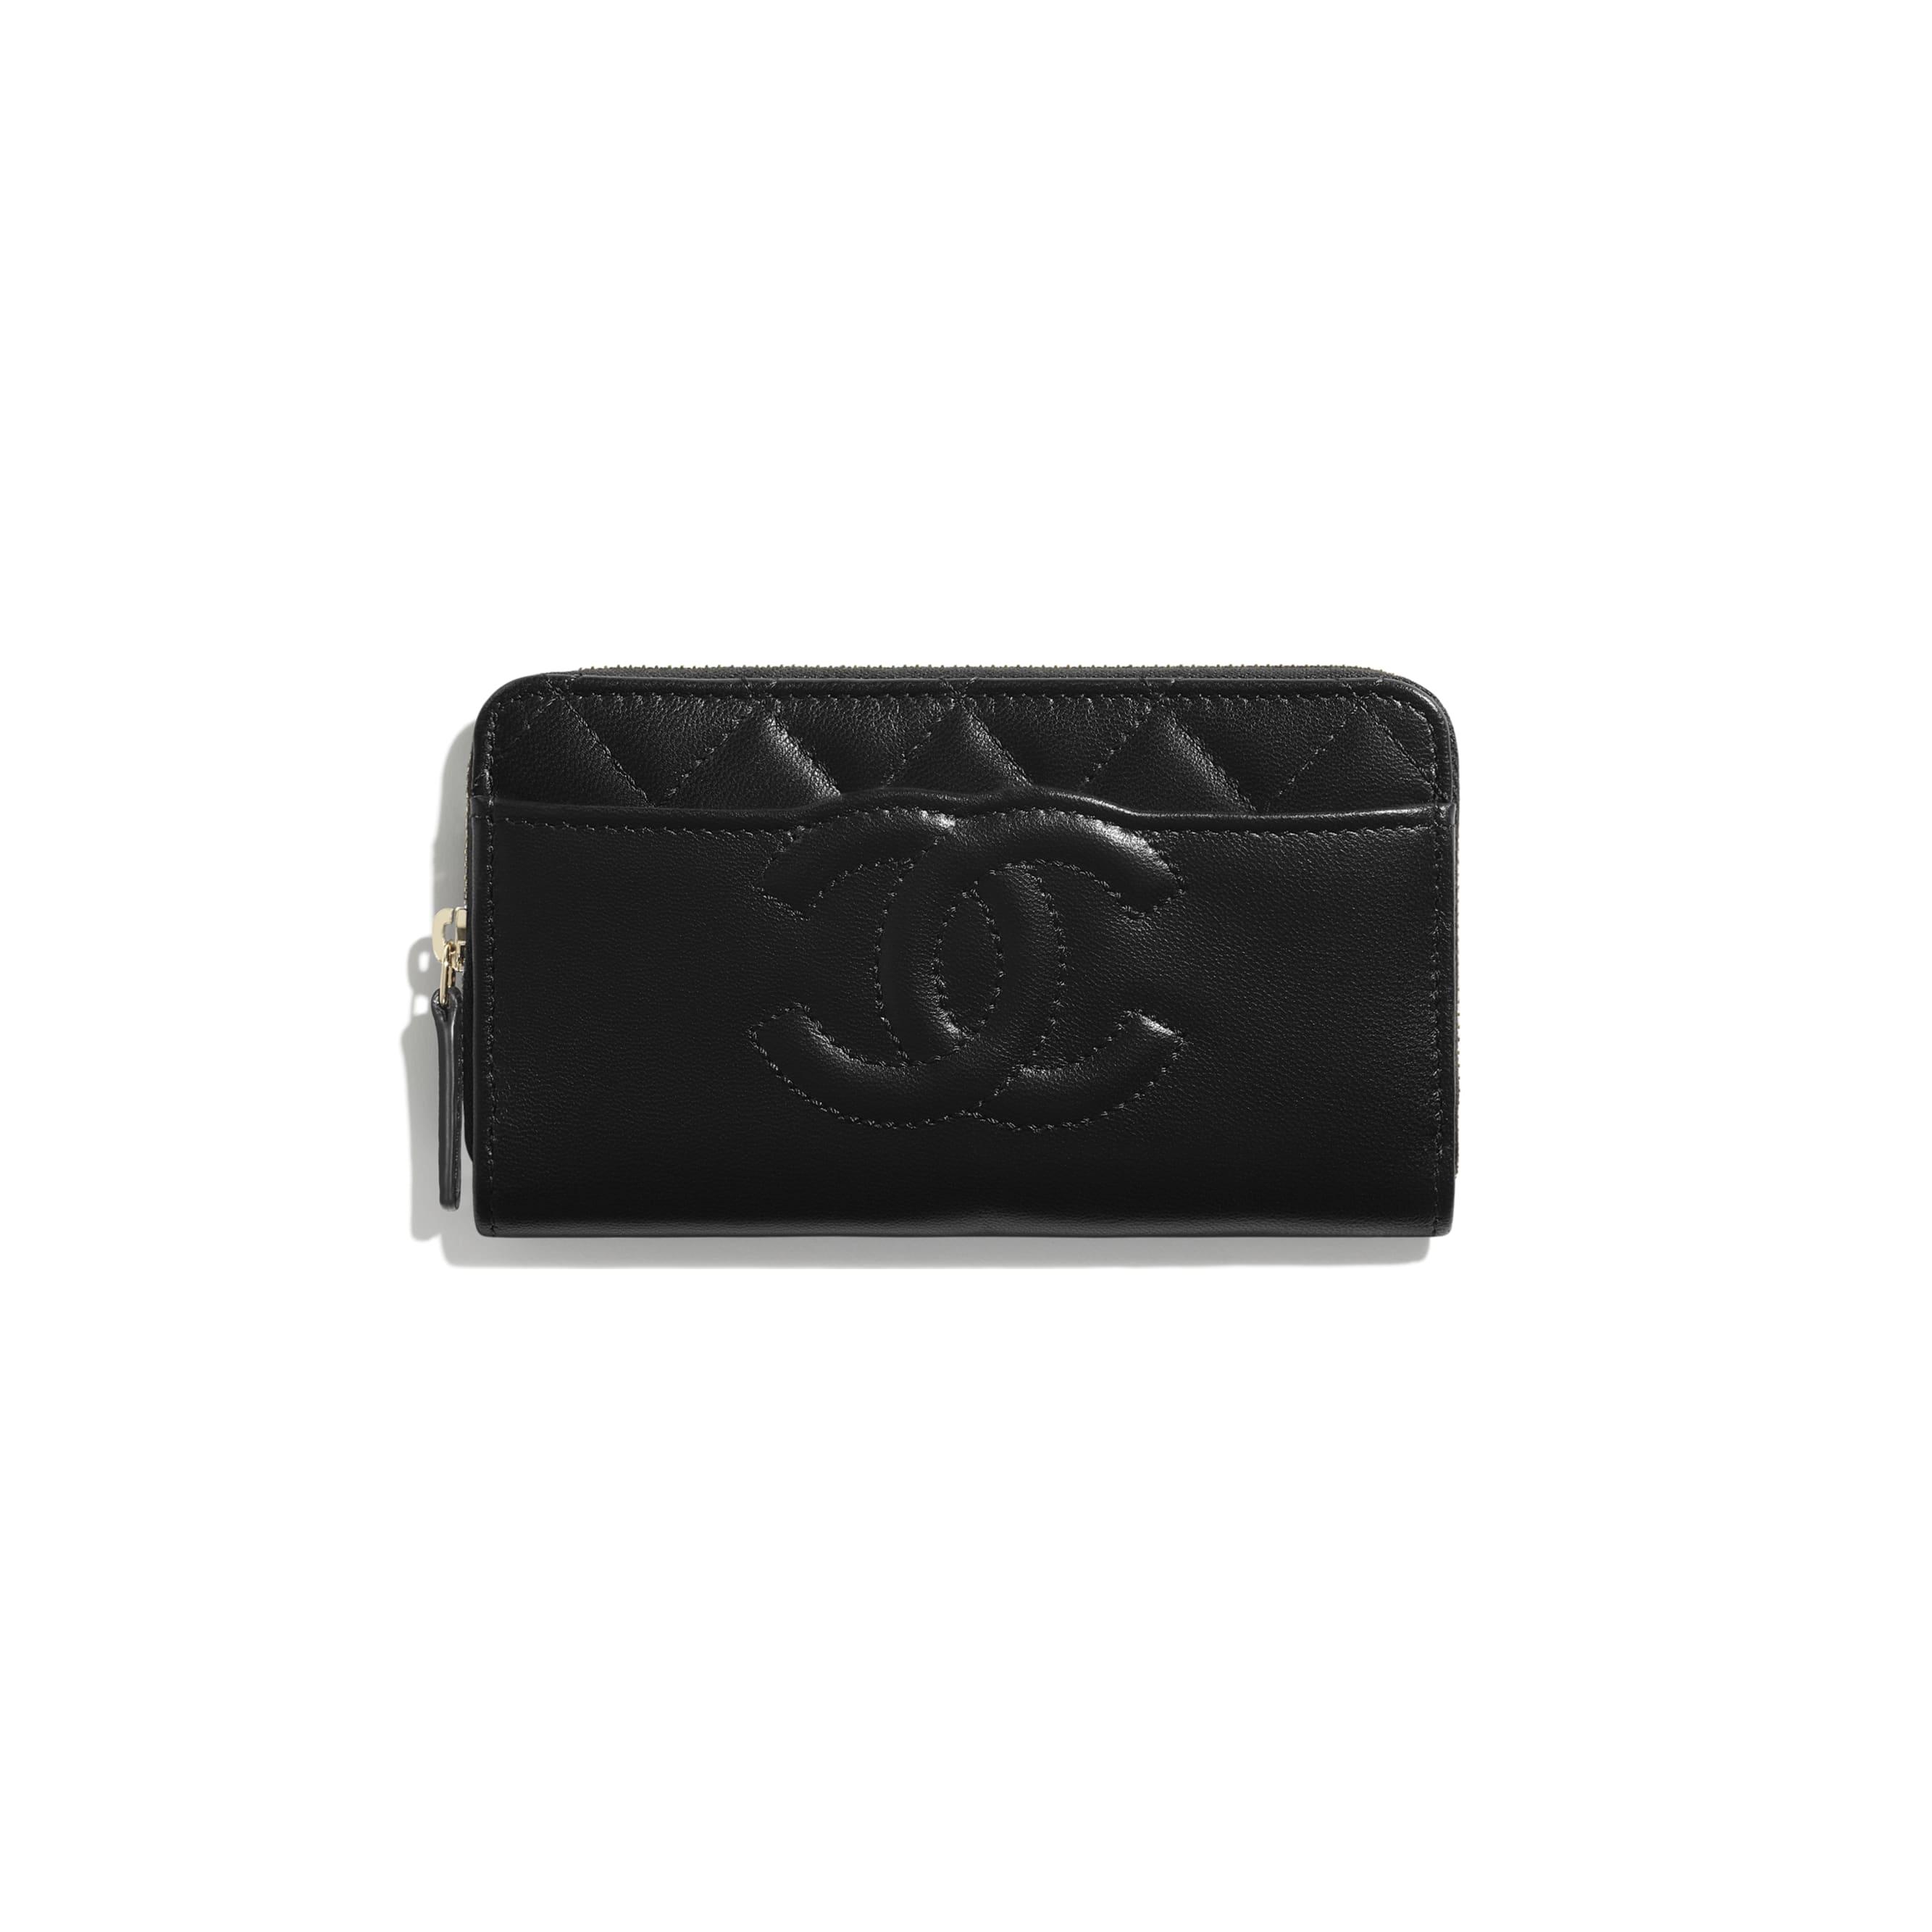 Brieftasche mit Reißverschluss - Schwarz - Ziegenleder & goldfarbenes Metall - CHANEL - Standardansicht - Standardgröße anzeigen